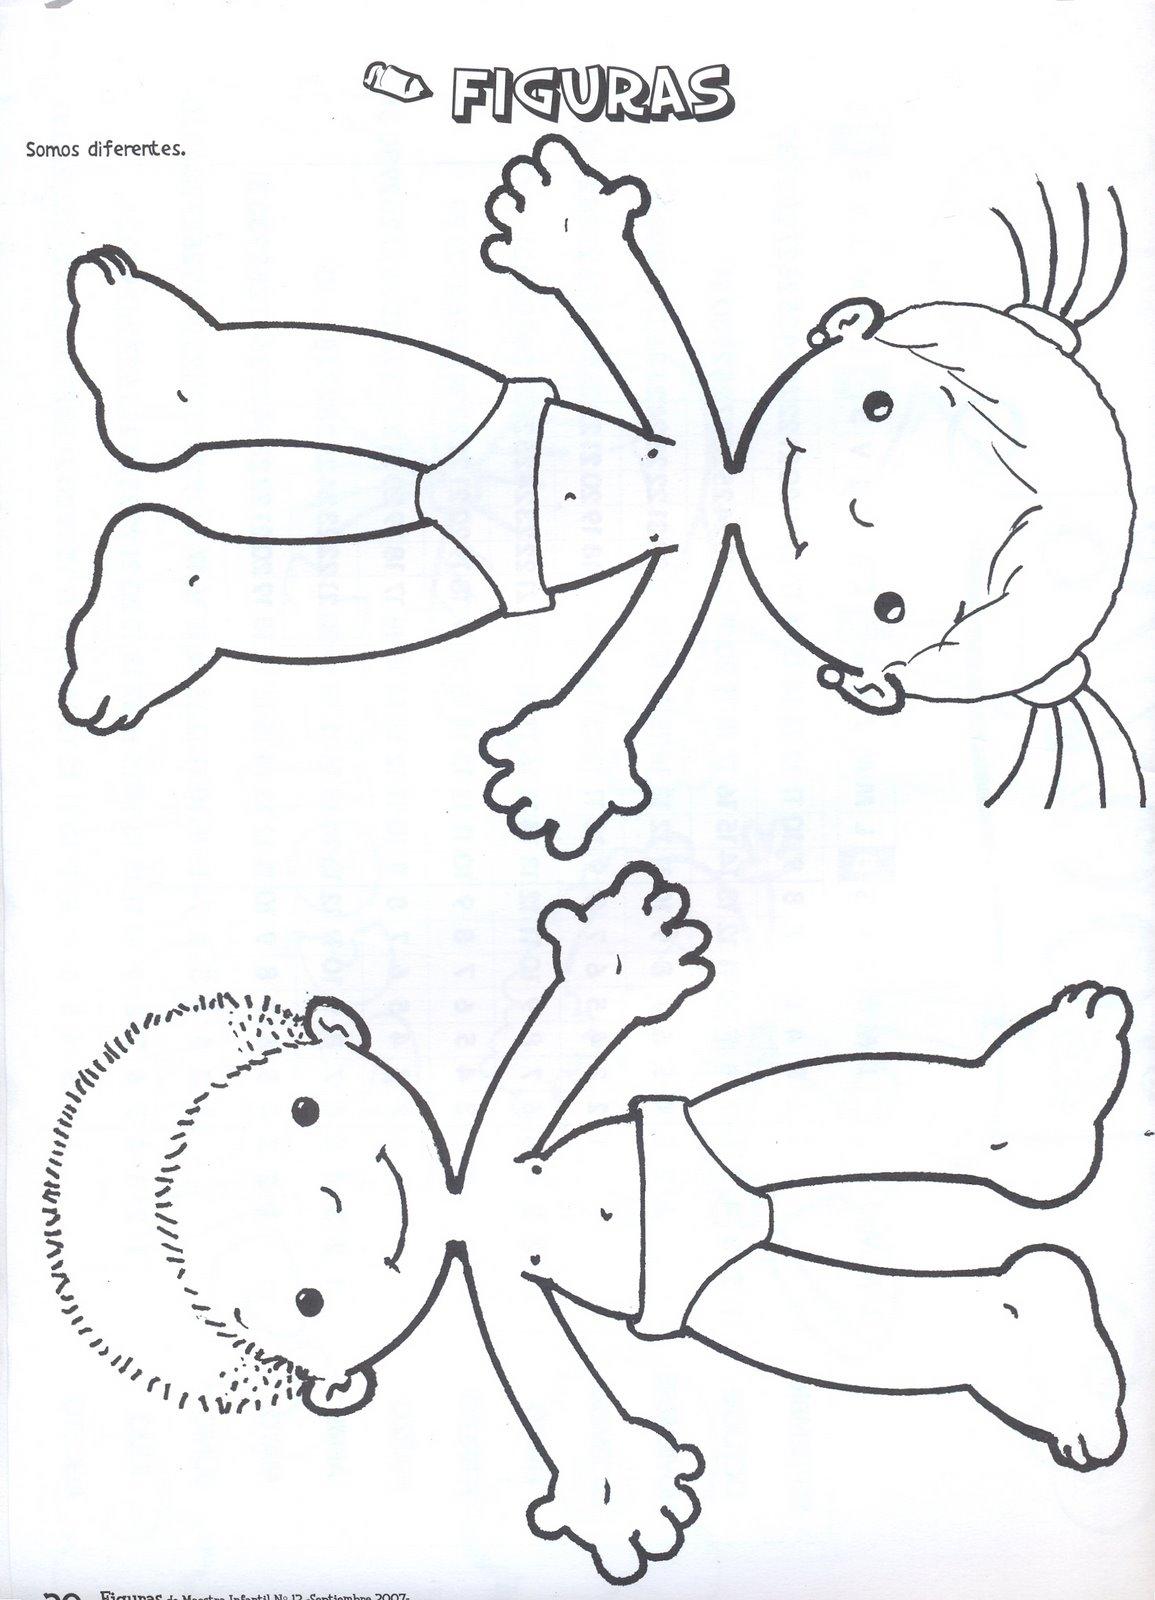 Moldes para Todo: * Figuras del Cuerpo Humano